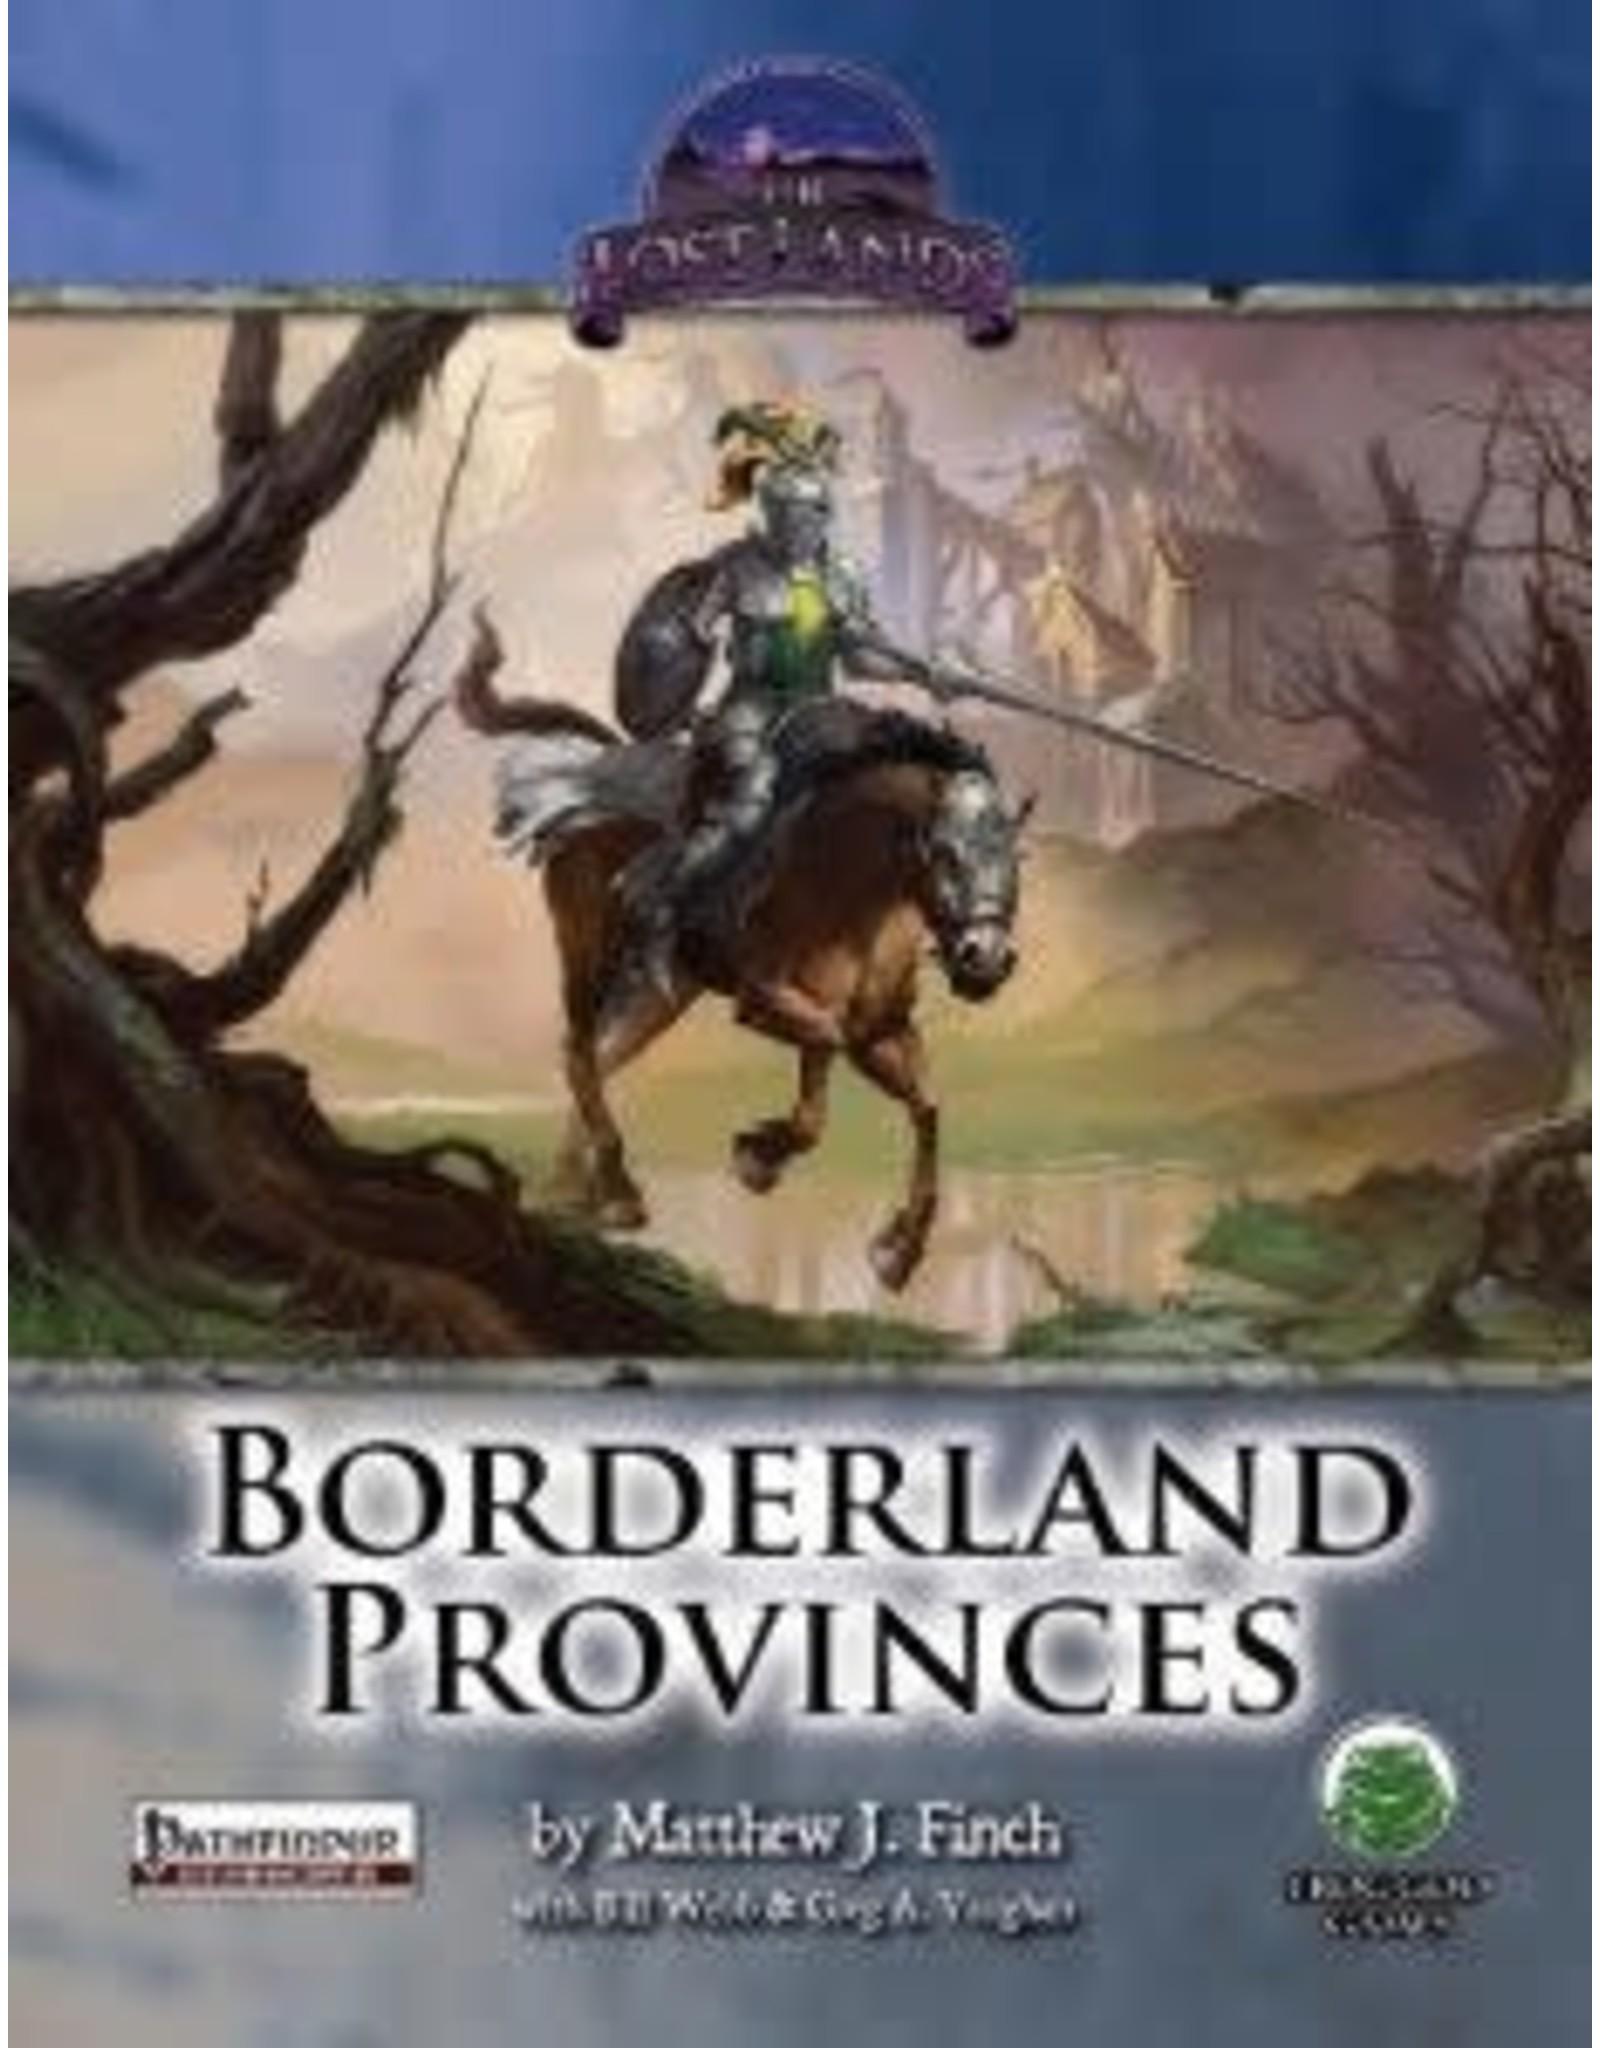 D&D 5e Borderland Provinces Campaign Setting